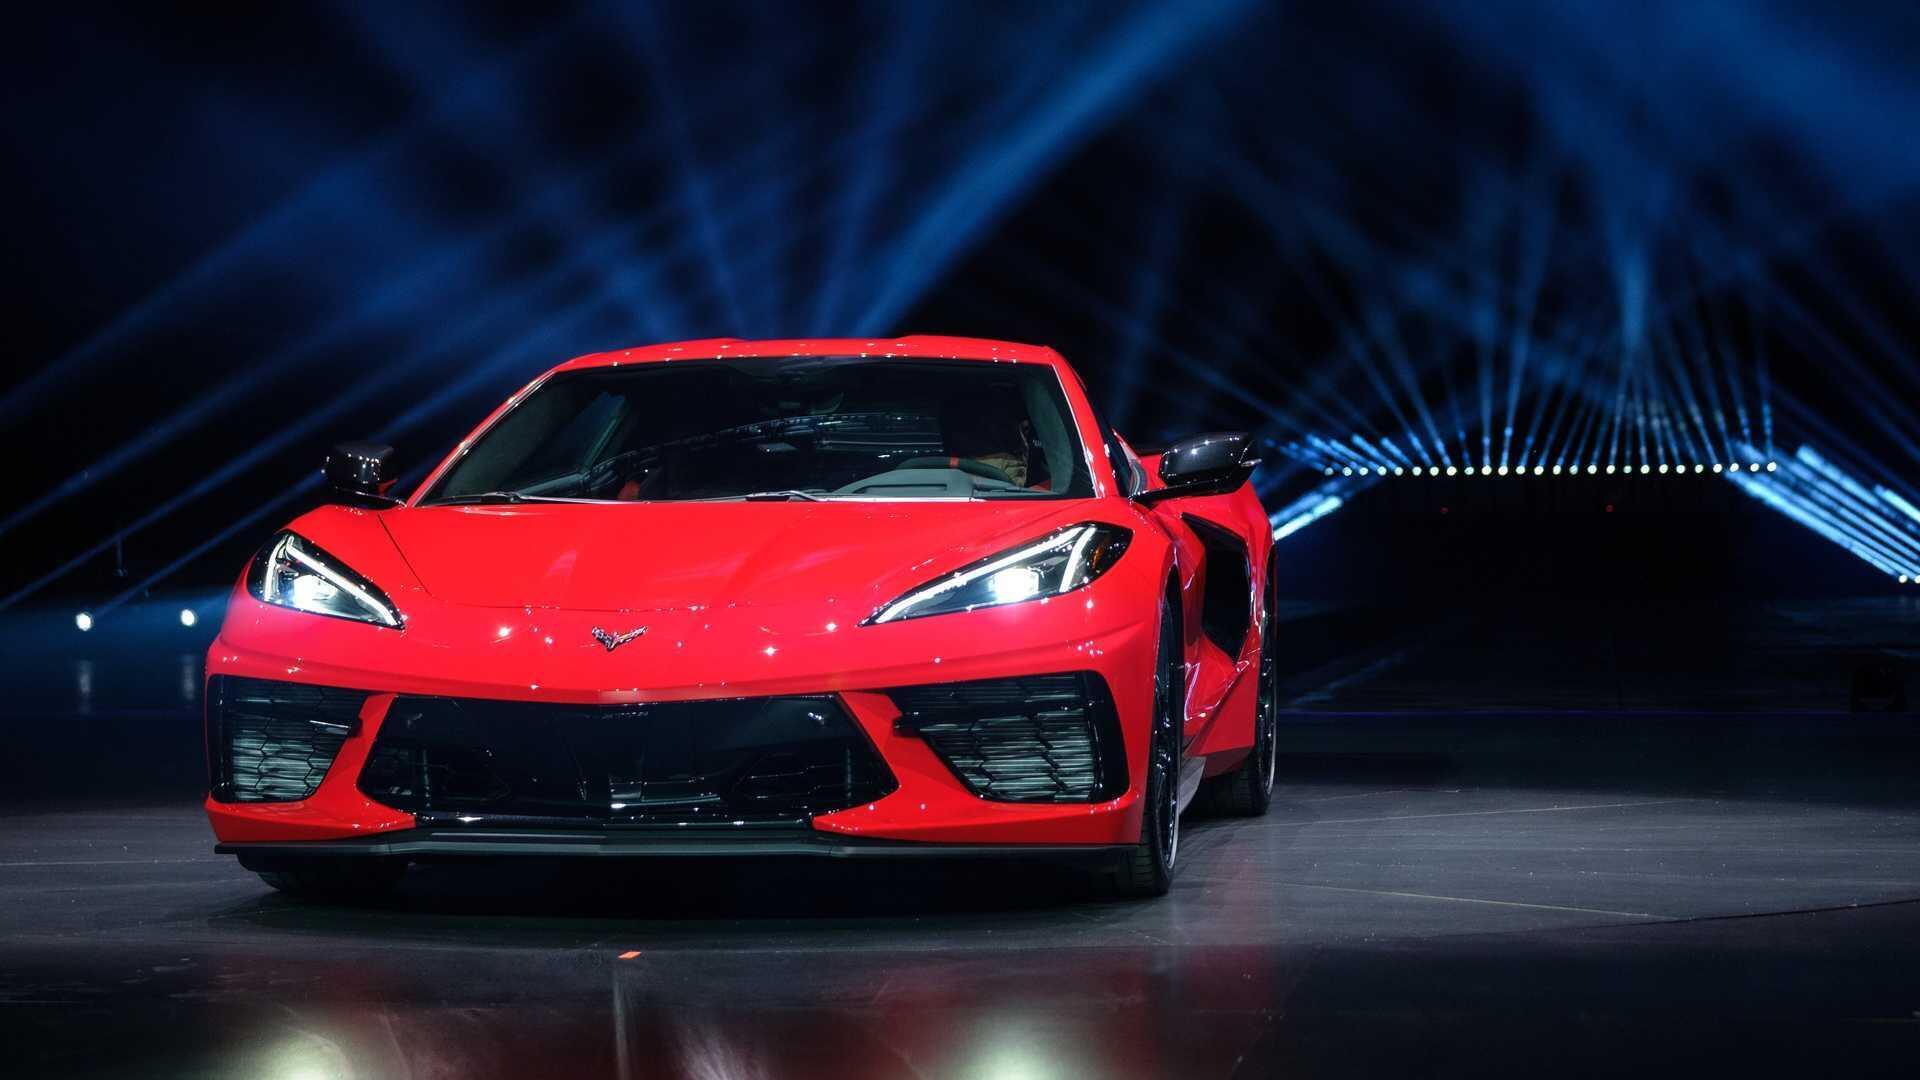 https://cdn.dailyxe.com.vn/image/chevrolet-corvette-2020-co-mot-so-tinh-nang-an-tuyet-voi-27-94537j2.jpg